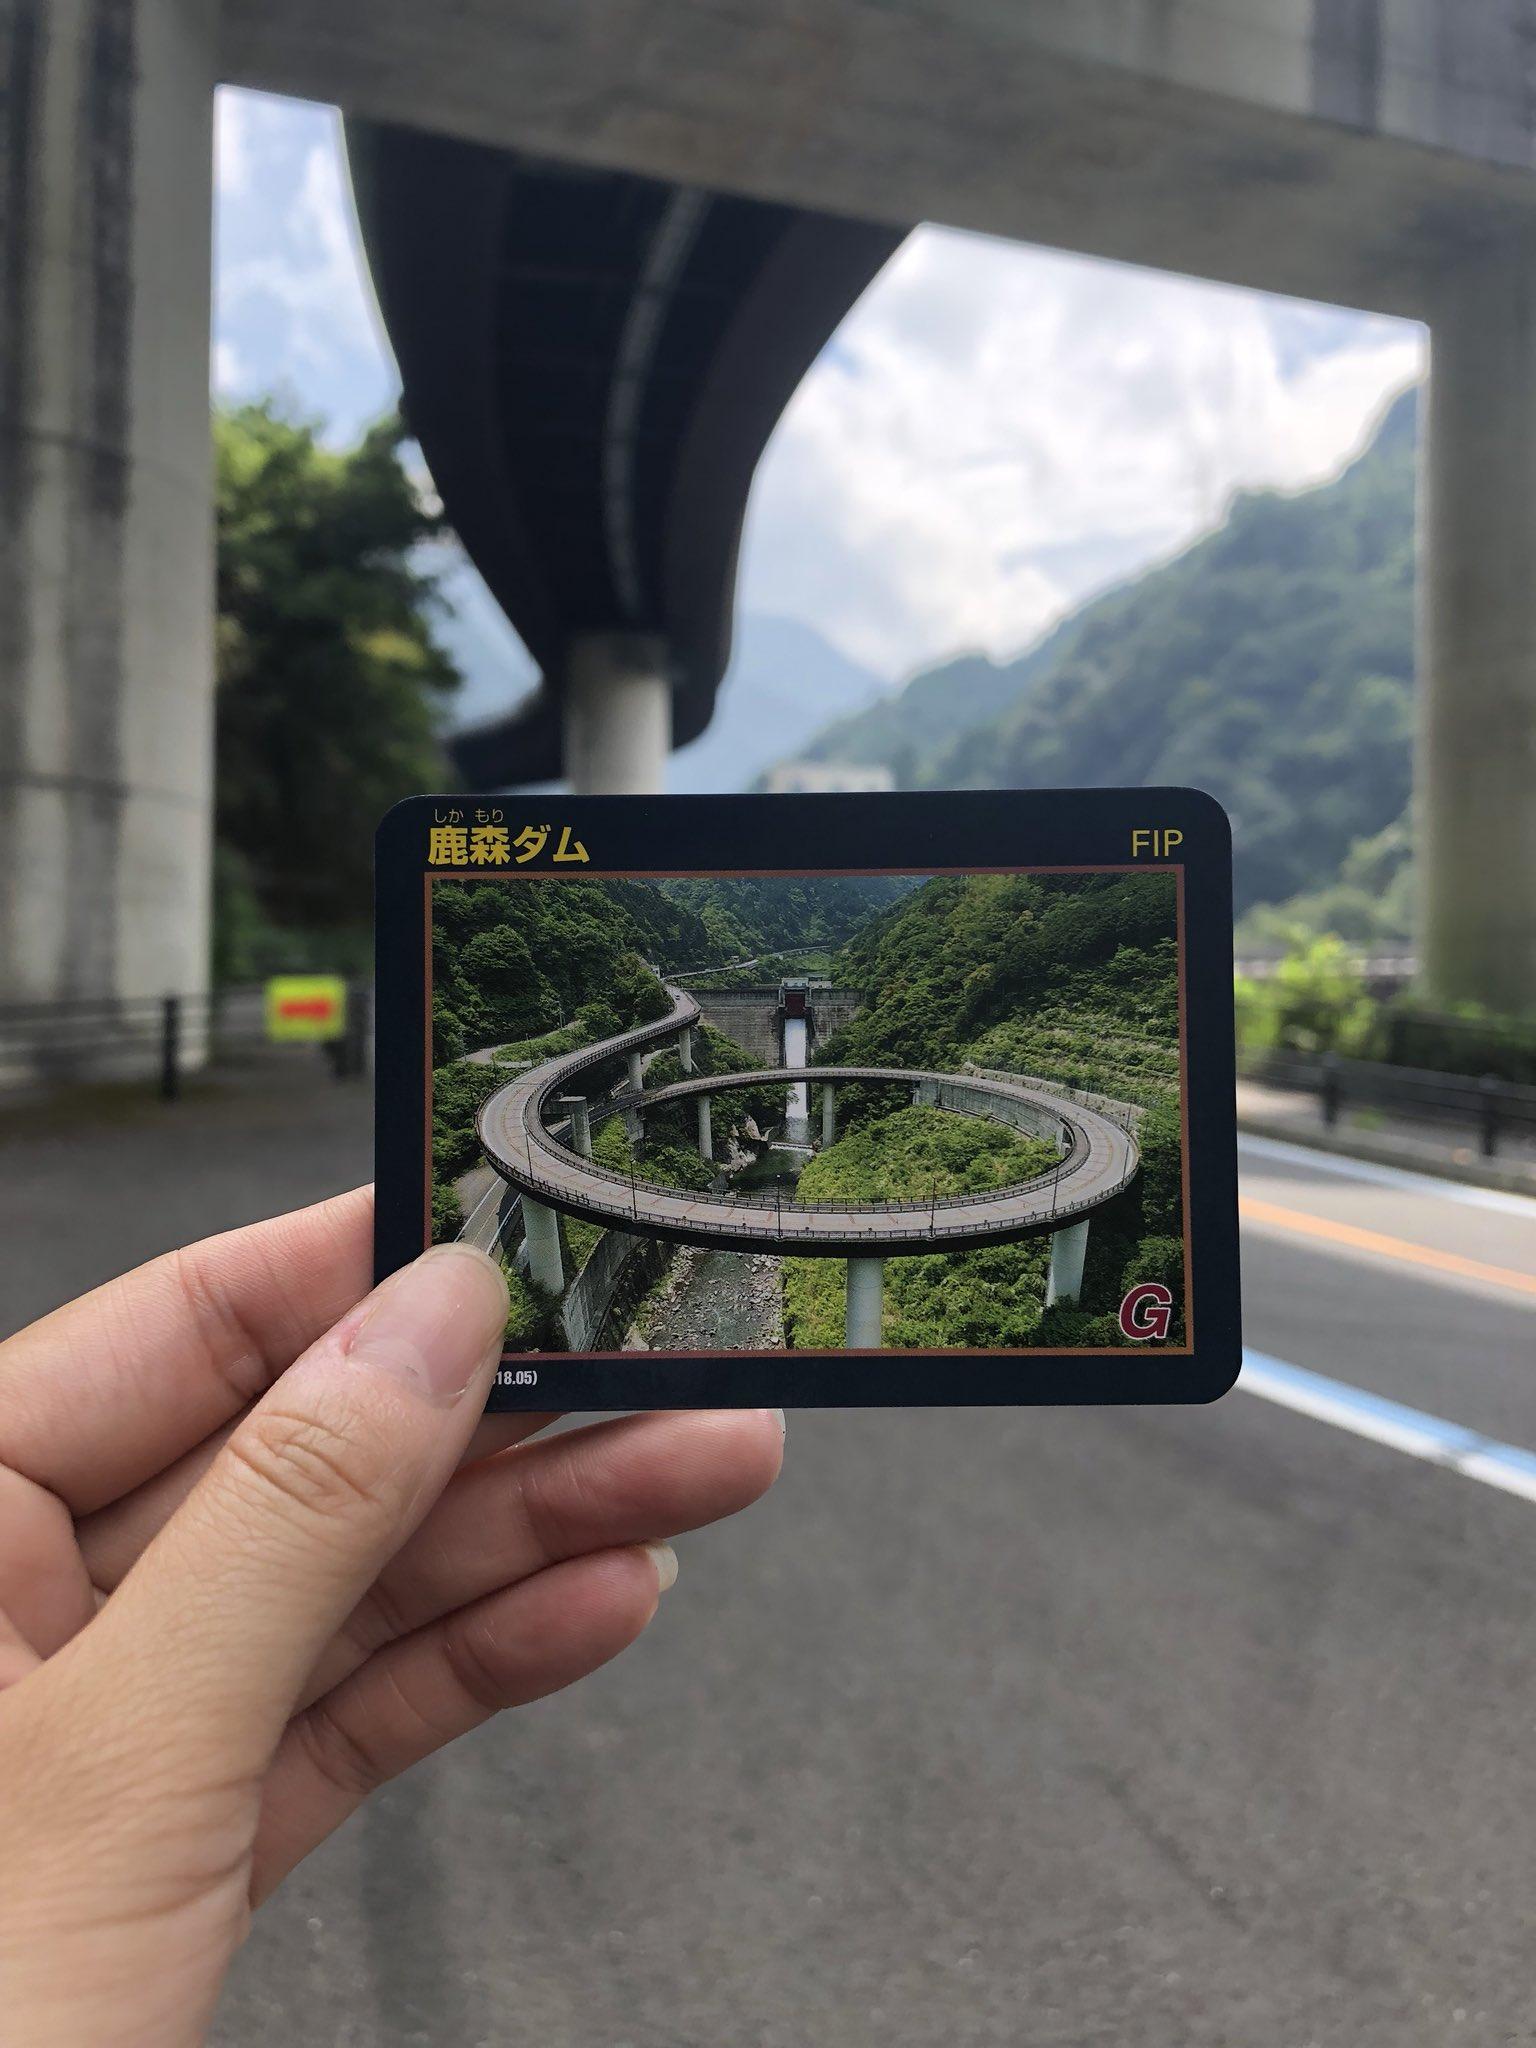 徳島 香川 愛媛 高知 (四国) - Cover